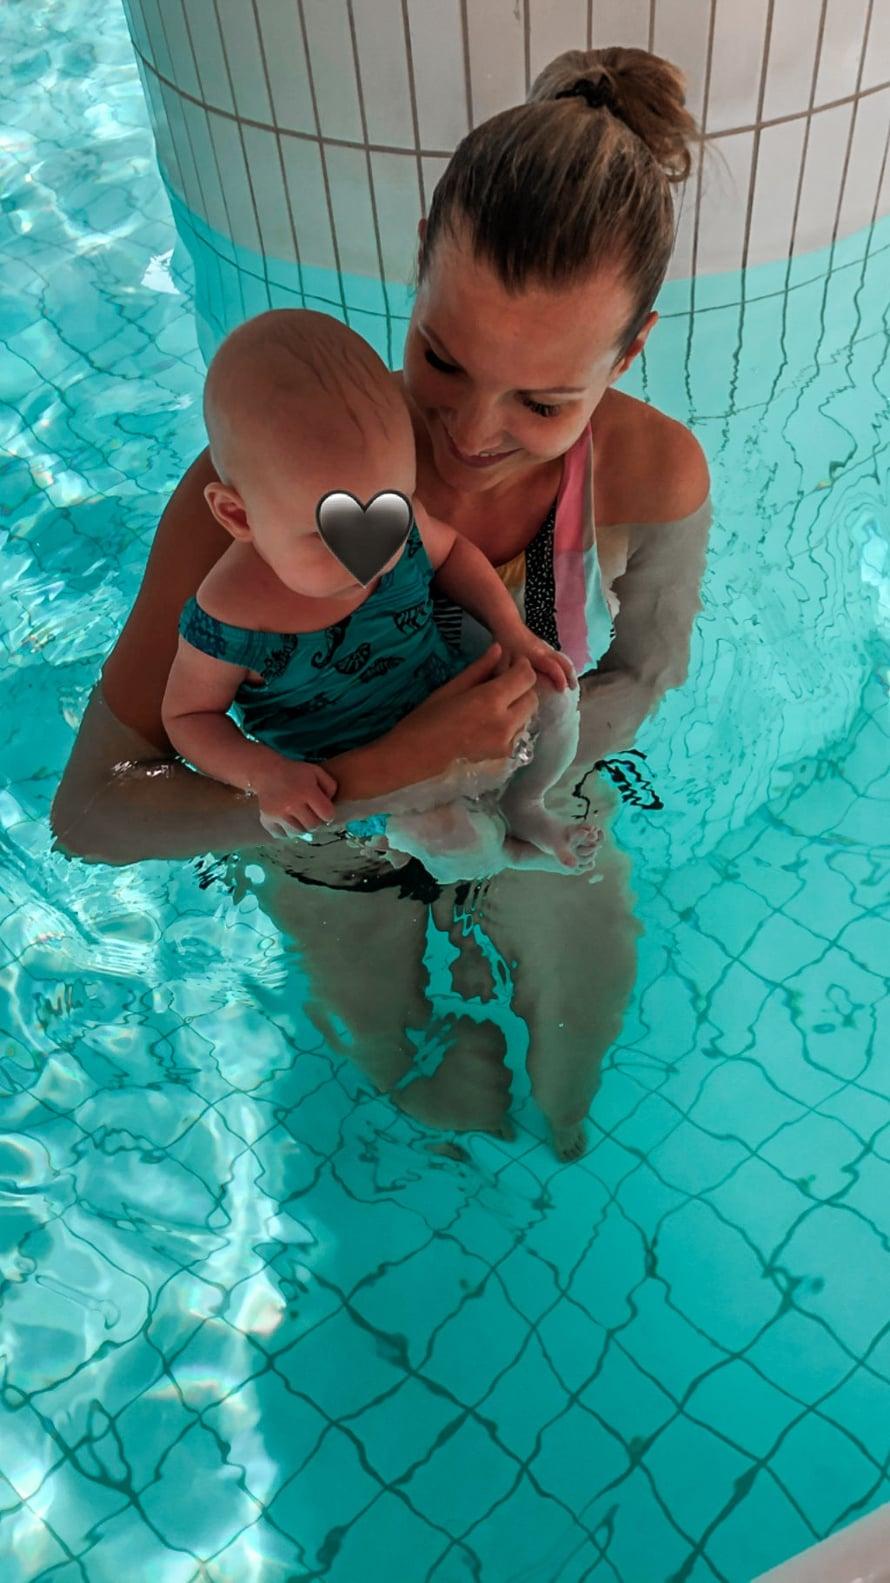 Ennen ensimmäistä uintikertaa jännitin, miten saisin pidettyä Peetun tyytyväisenä.